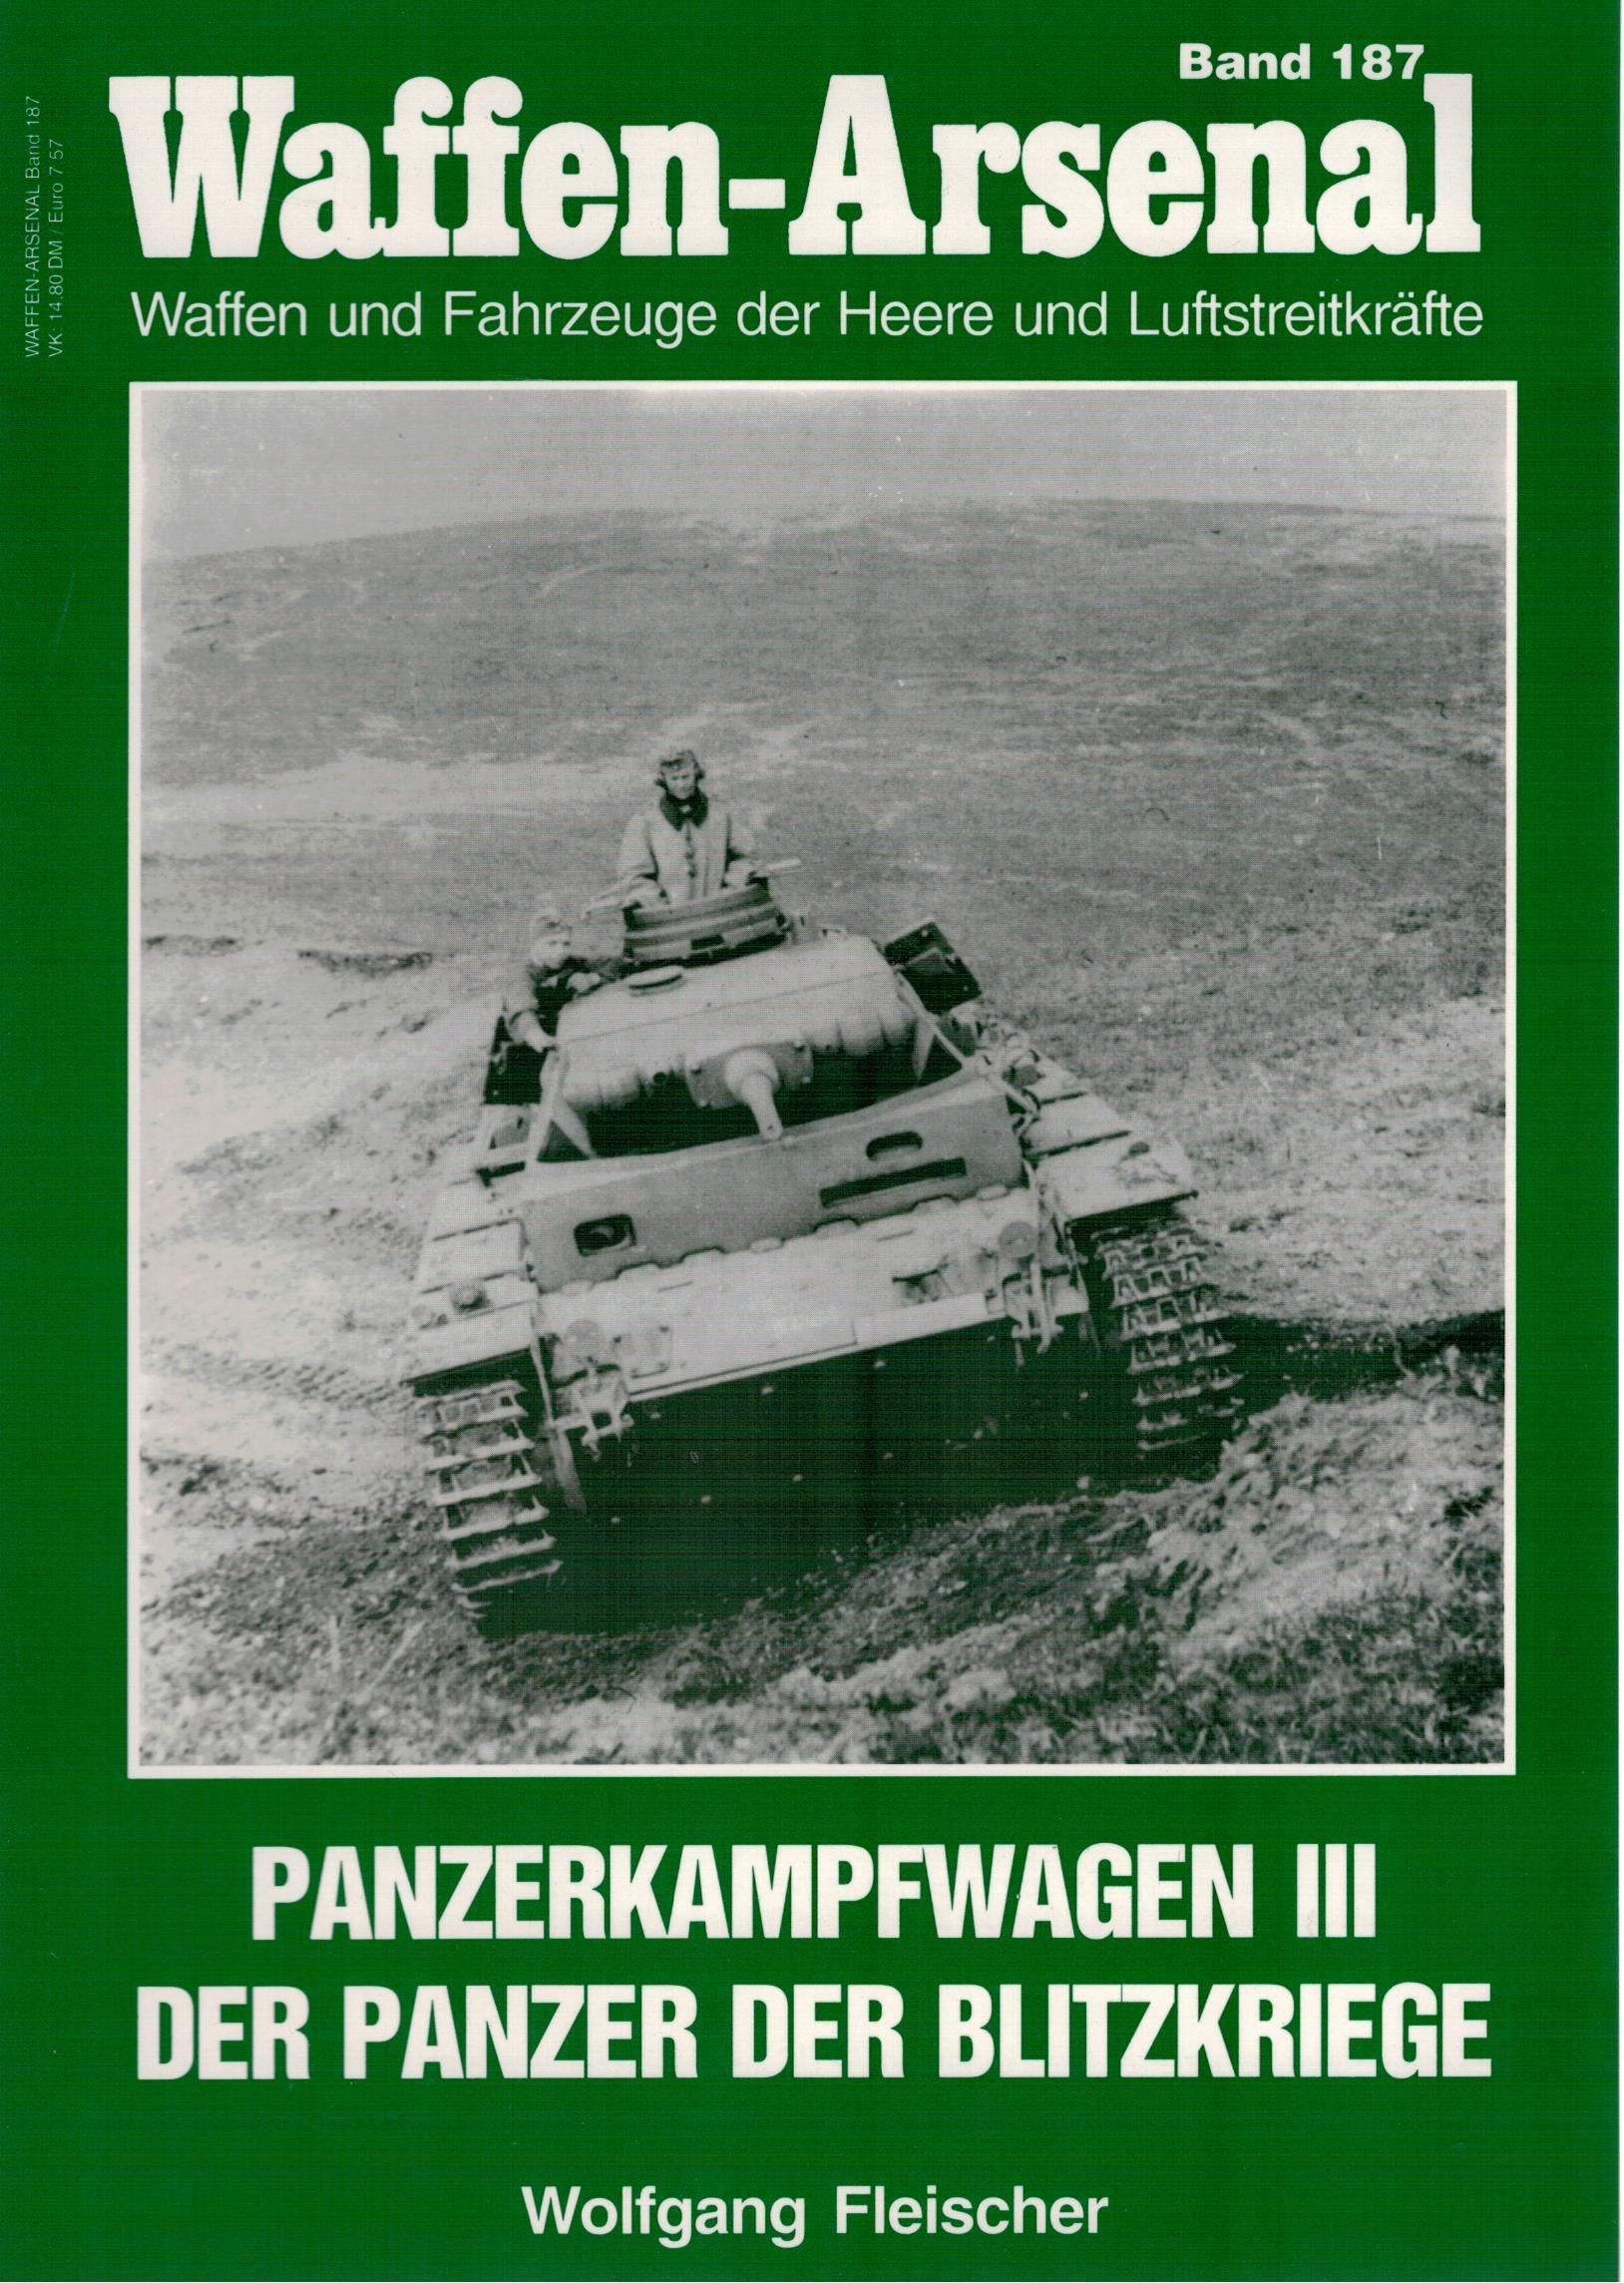 Waffen-Arsenal 187: Panzerkampfwagen III. Der Panzer der Blitzkriege